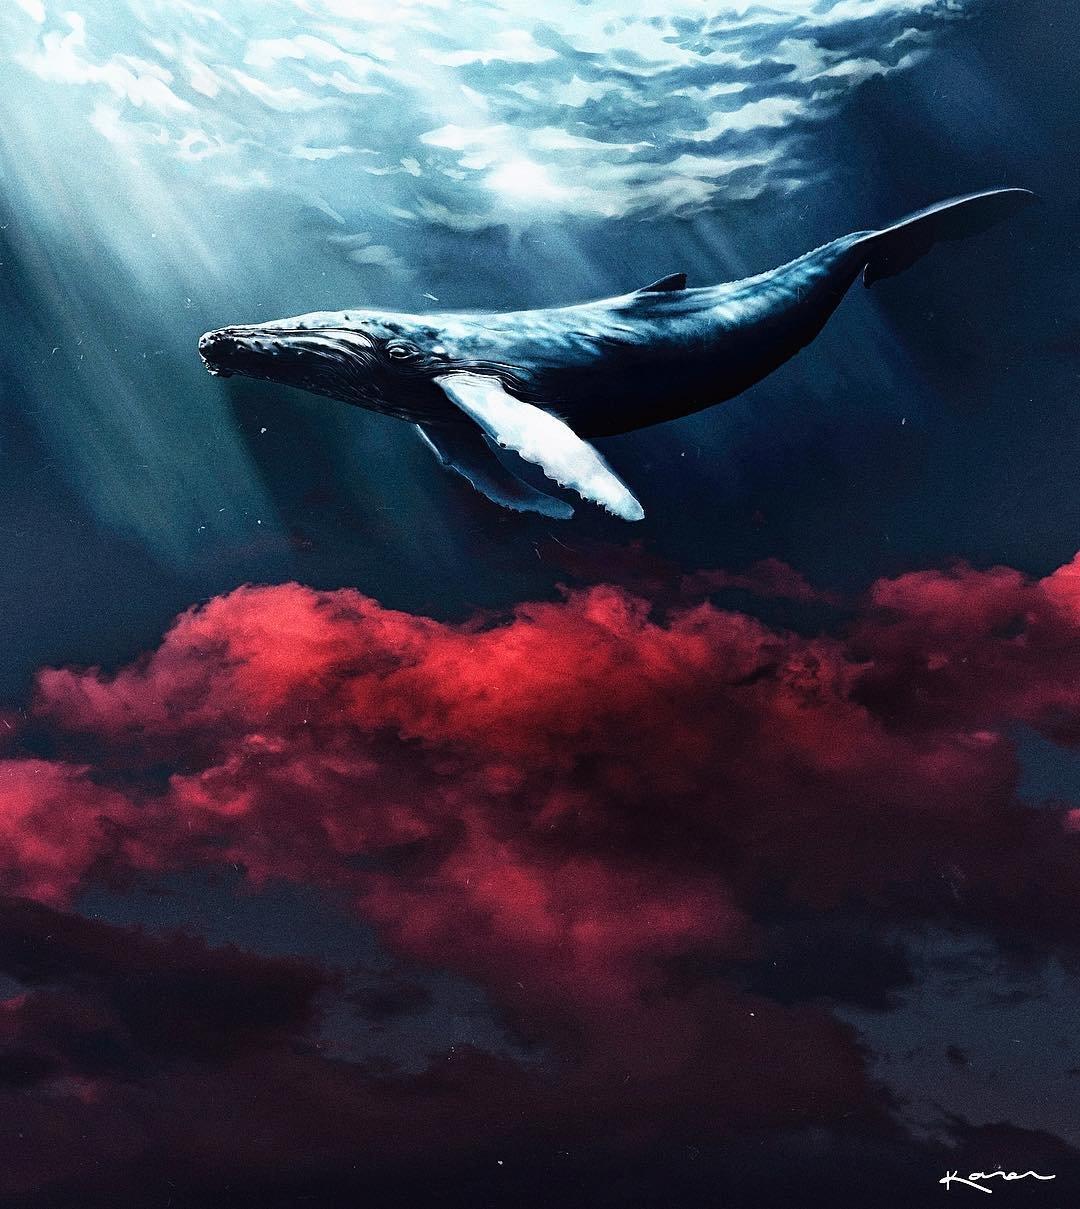 картинки с китами в небе ночной